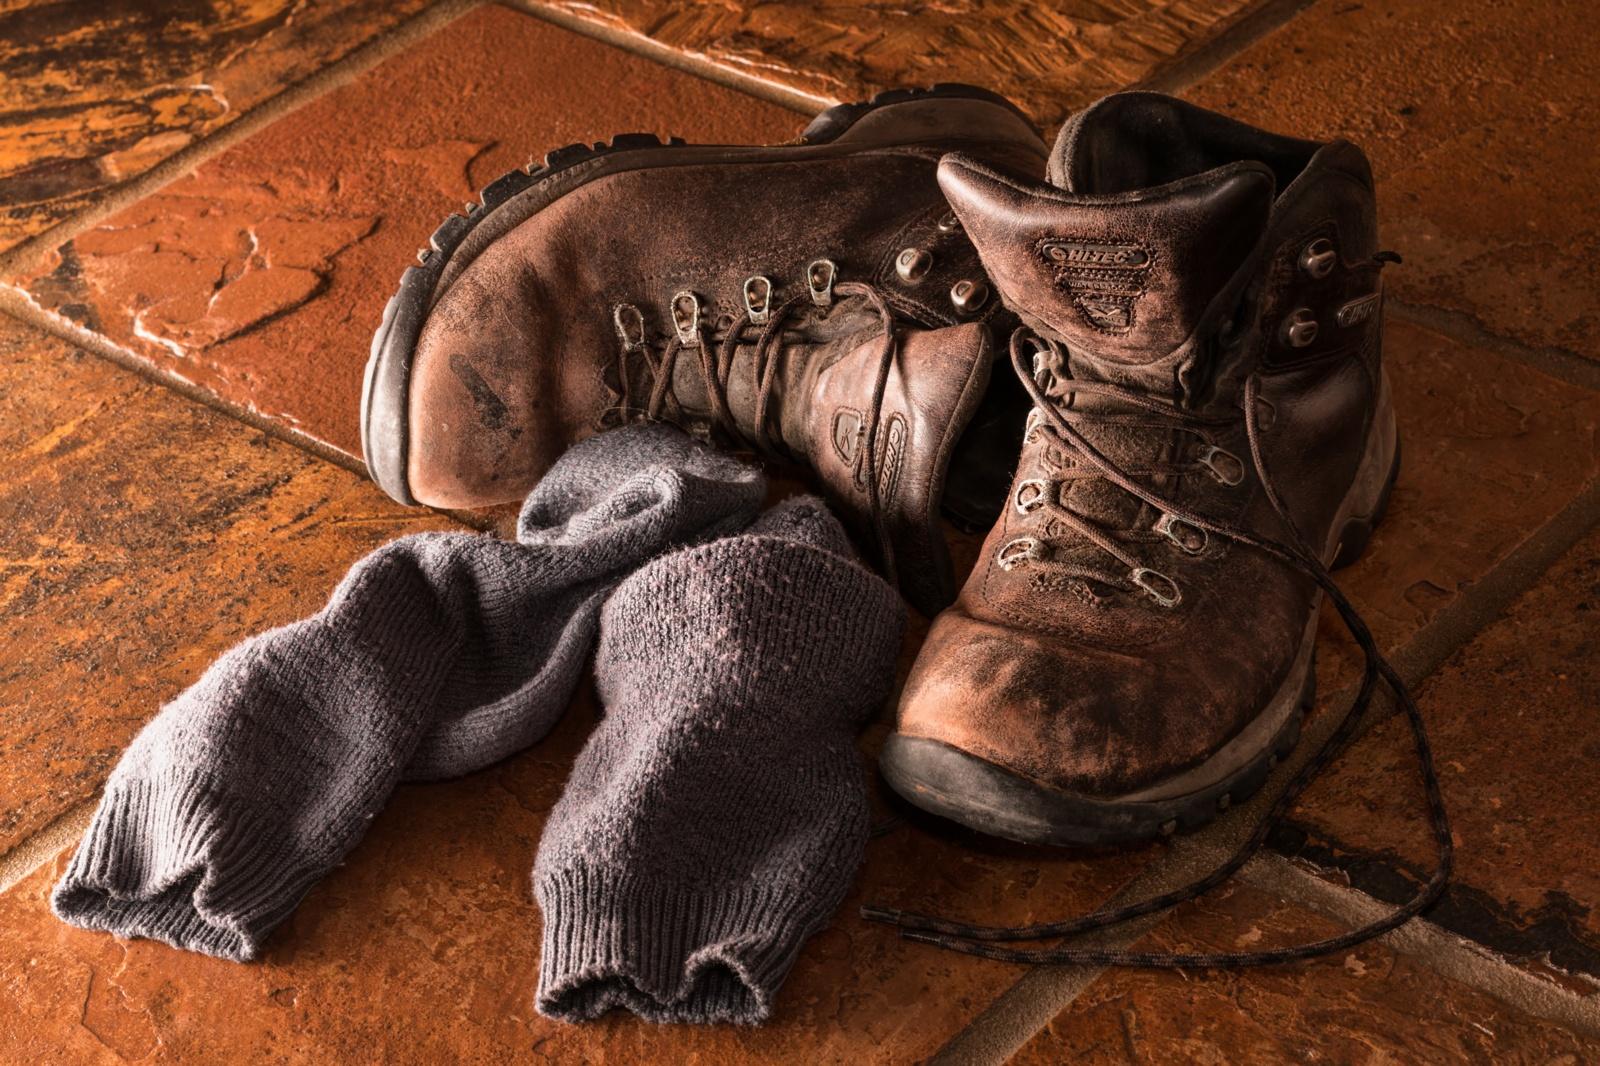 Dėl išmėtytų kojinių kalti ne vyrai, o anytos